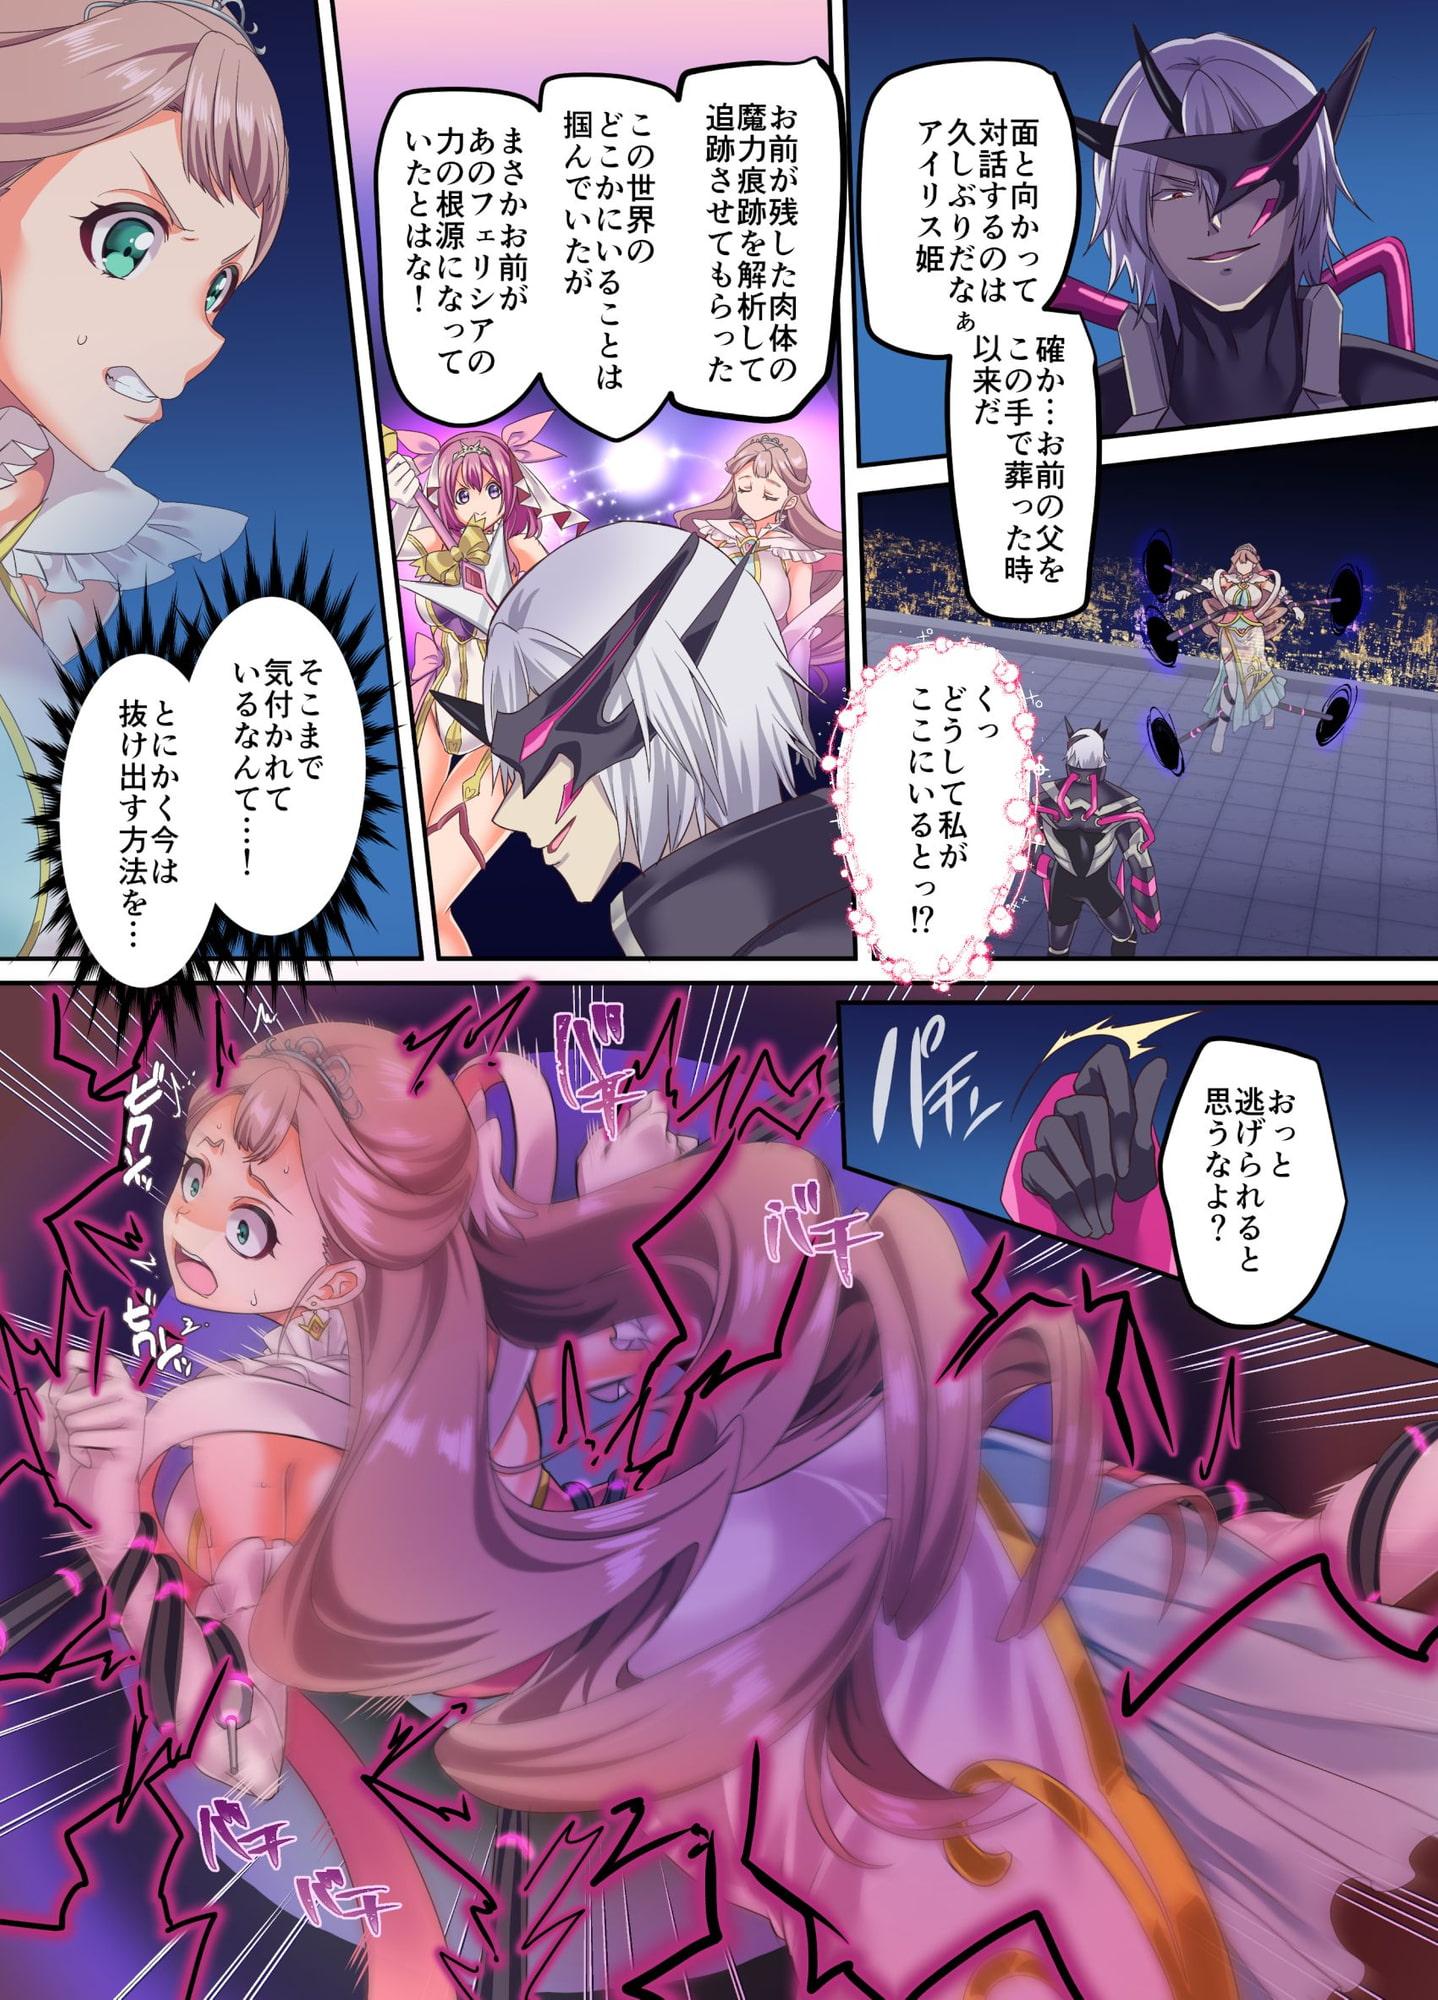 閃光纏姫フェリシア~狙われた憑依変身ヒロインの肉体~のサンプル画像5